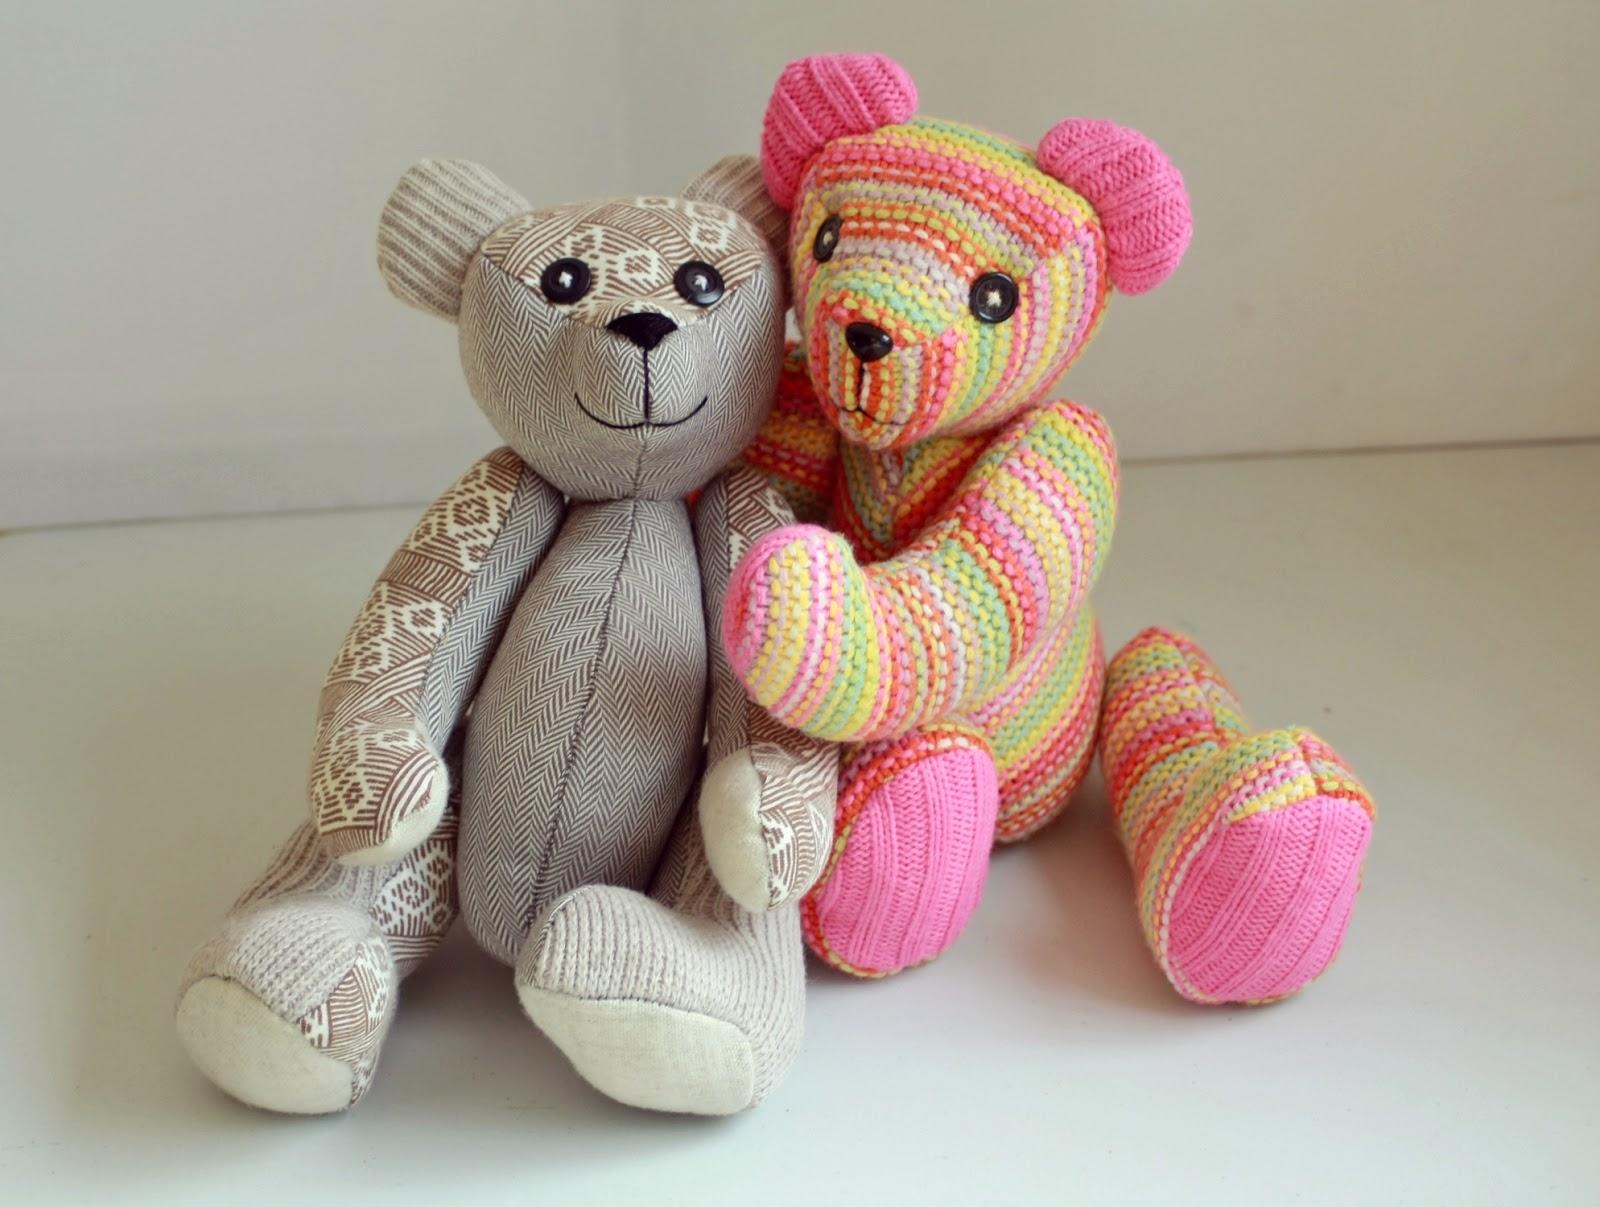 Dos osos de peluche hechos a mano, Lelleco